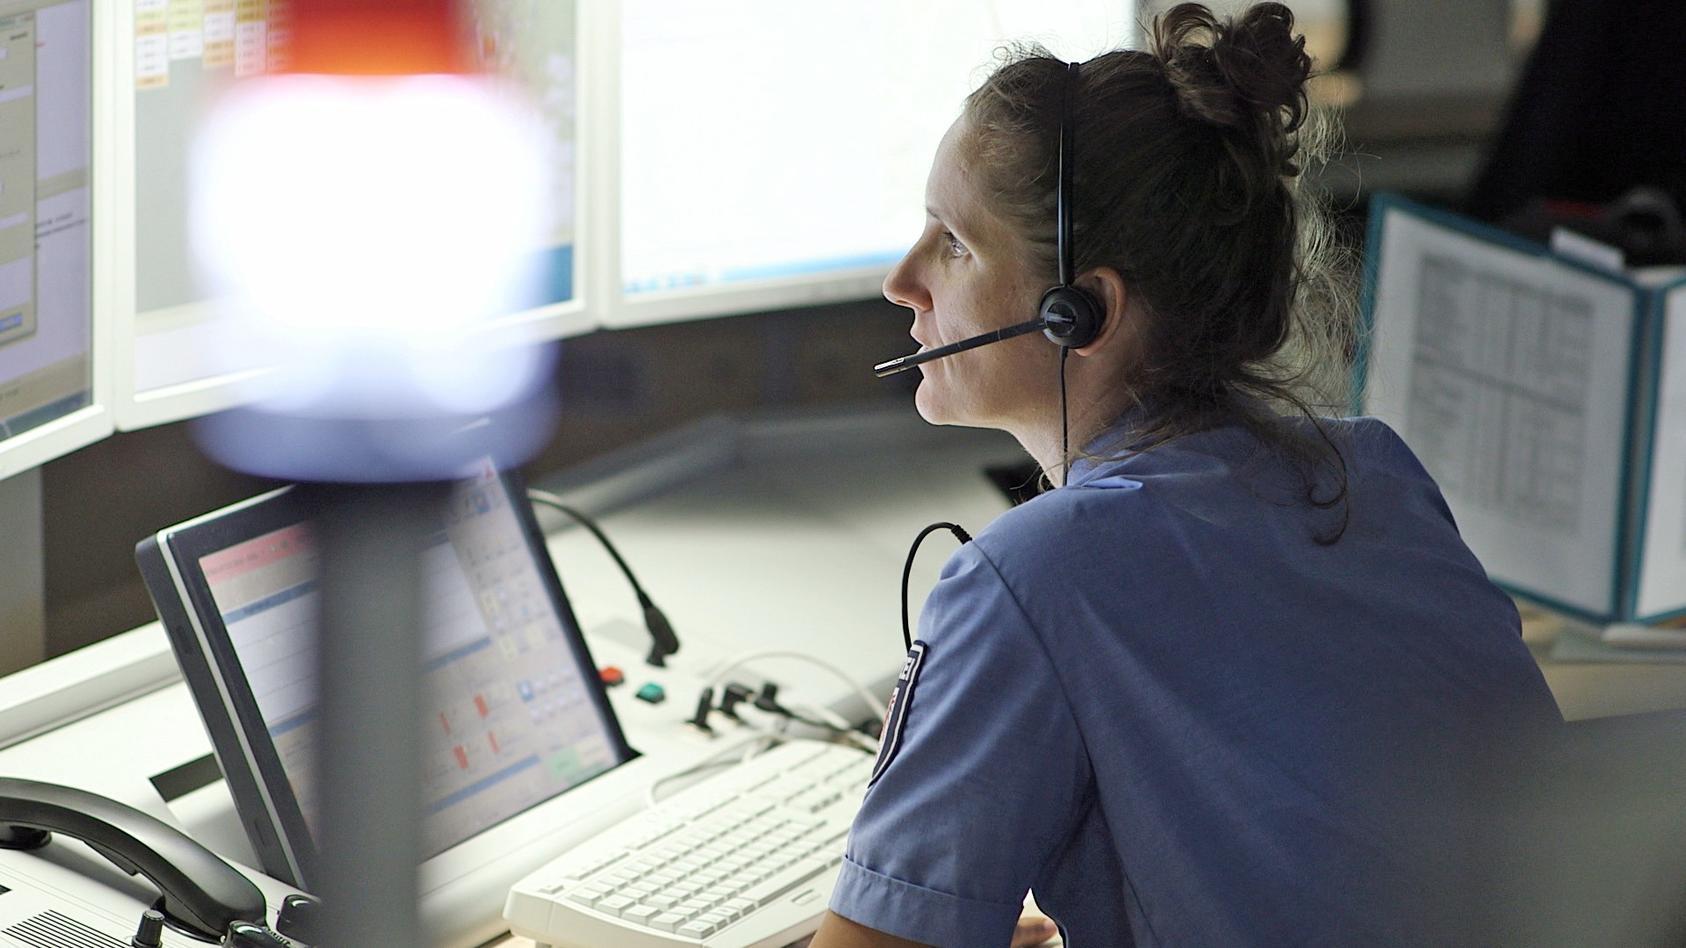 112-Notrufe: Anrufer können genau geortet werden - ohne Standort aktiviert zu haben!